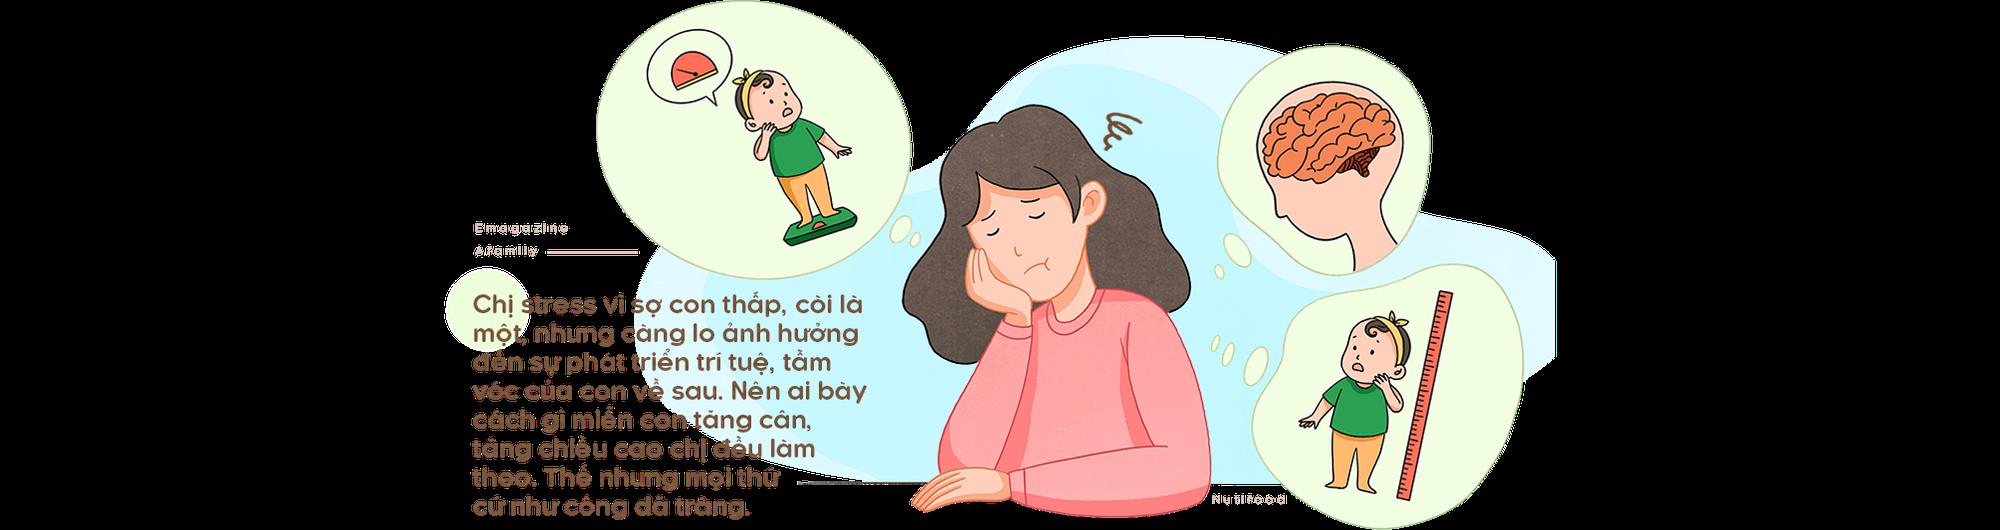 """Chăm con nhẹ cân, thấp còi: Hiểu thể trạng đặc thù của con hay """"đẽo cày giữa đường"""" - Ảnh 2."""